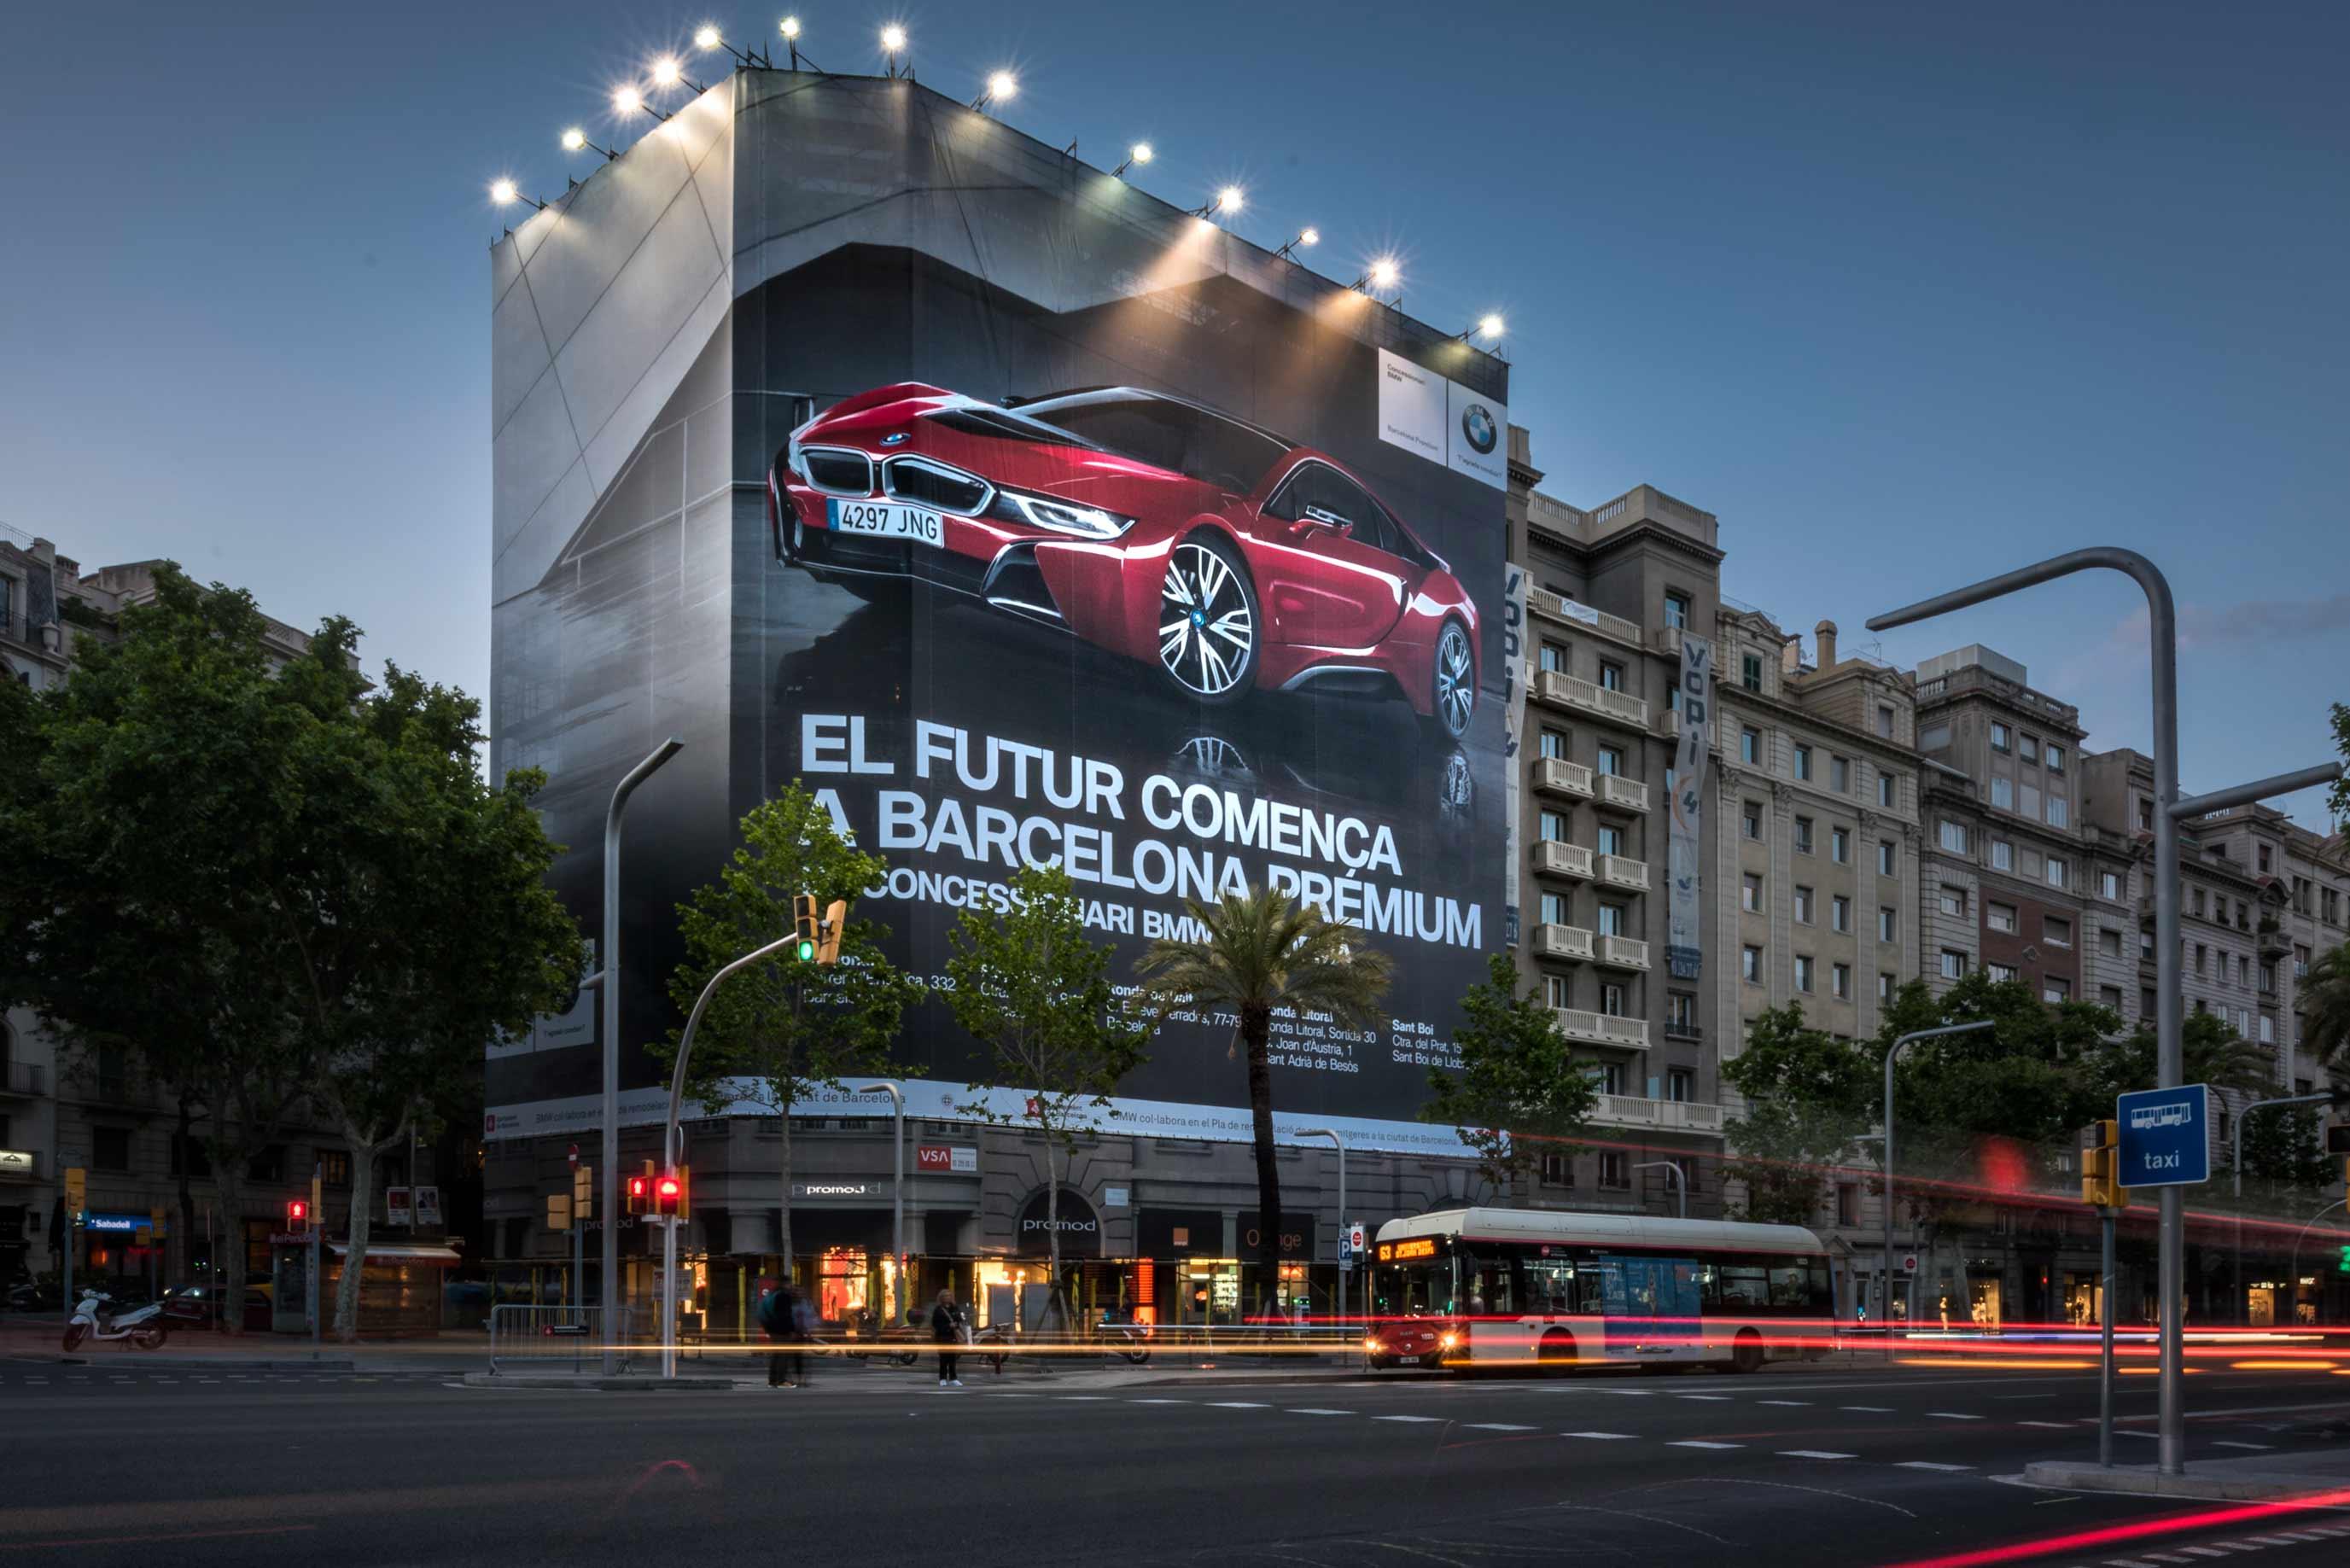 lona-publicitaria-barcelona-avenida-diagonal-598-bmw-premium-vsa-comunicacion